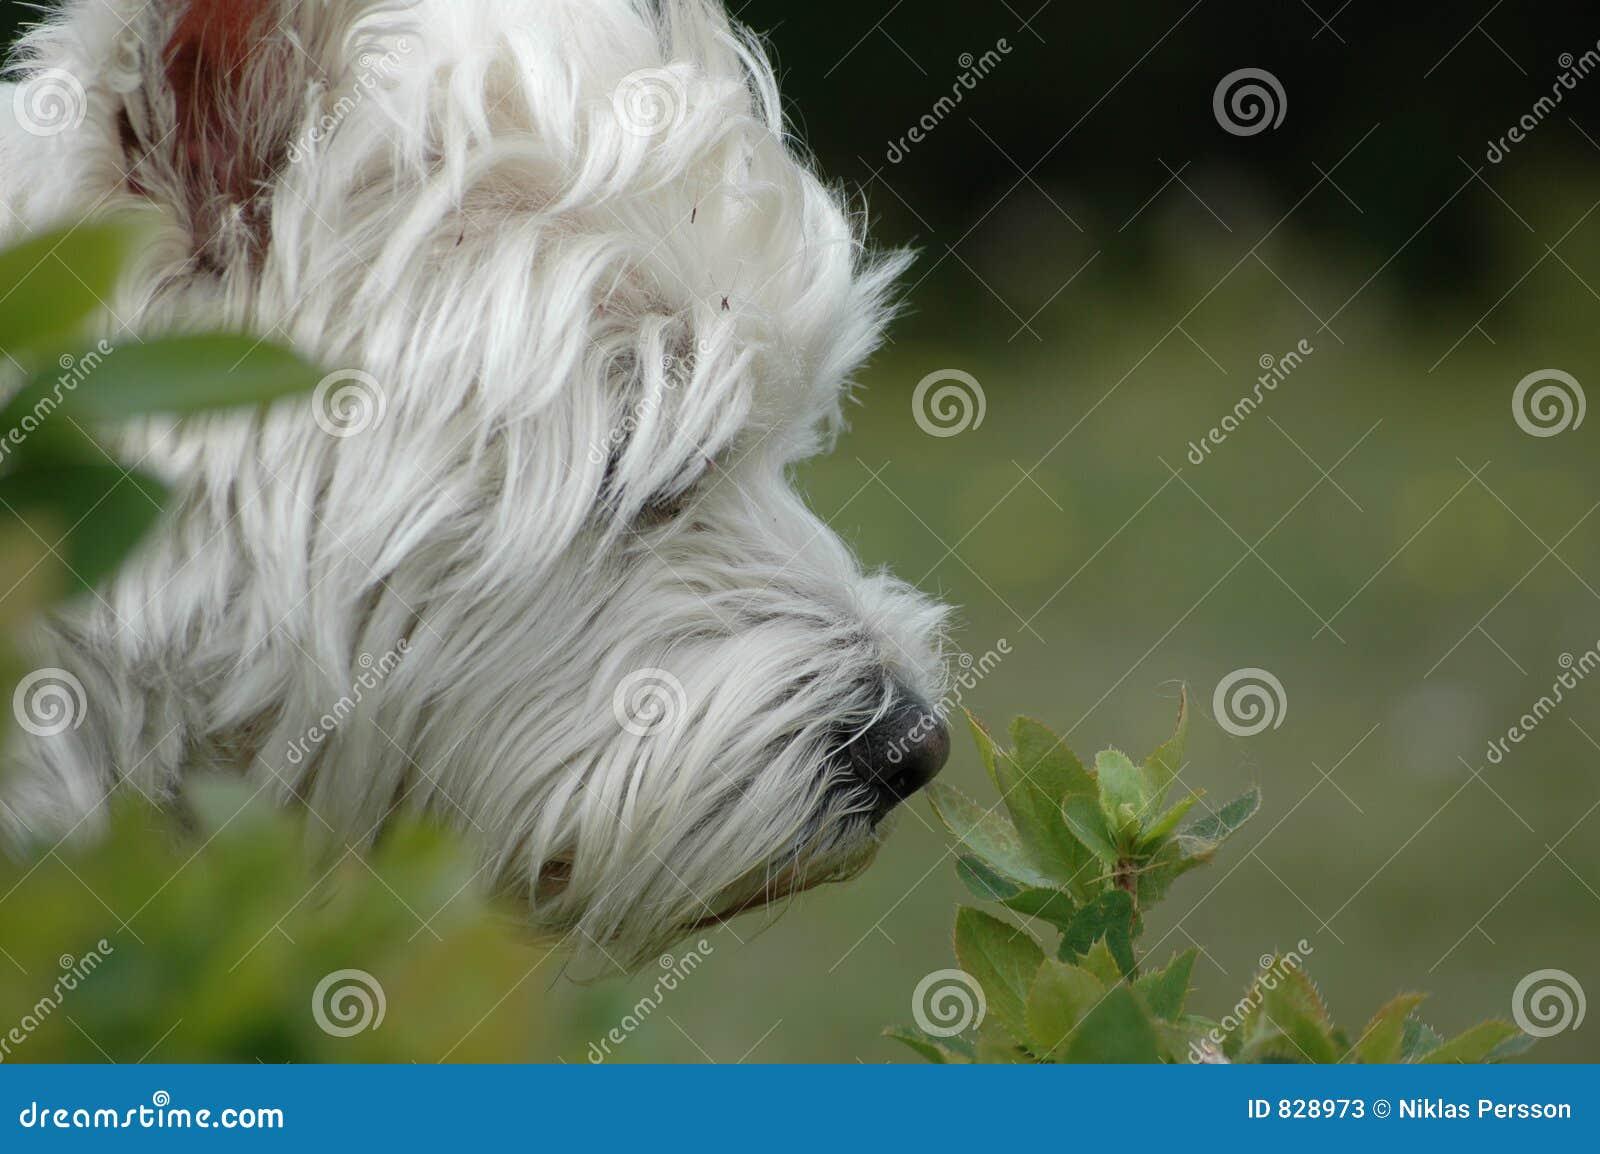 Westie in nature